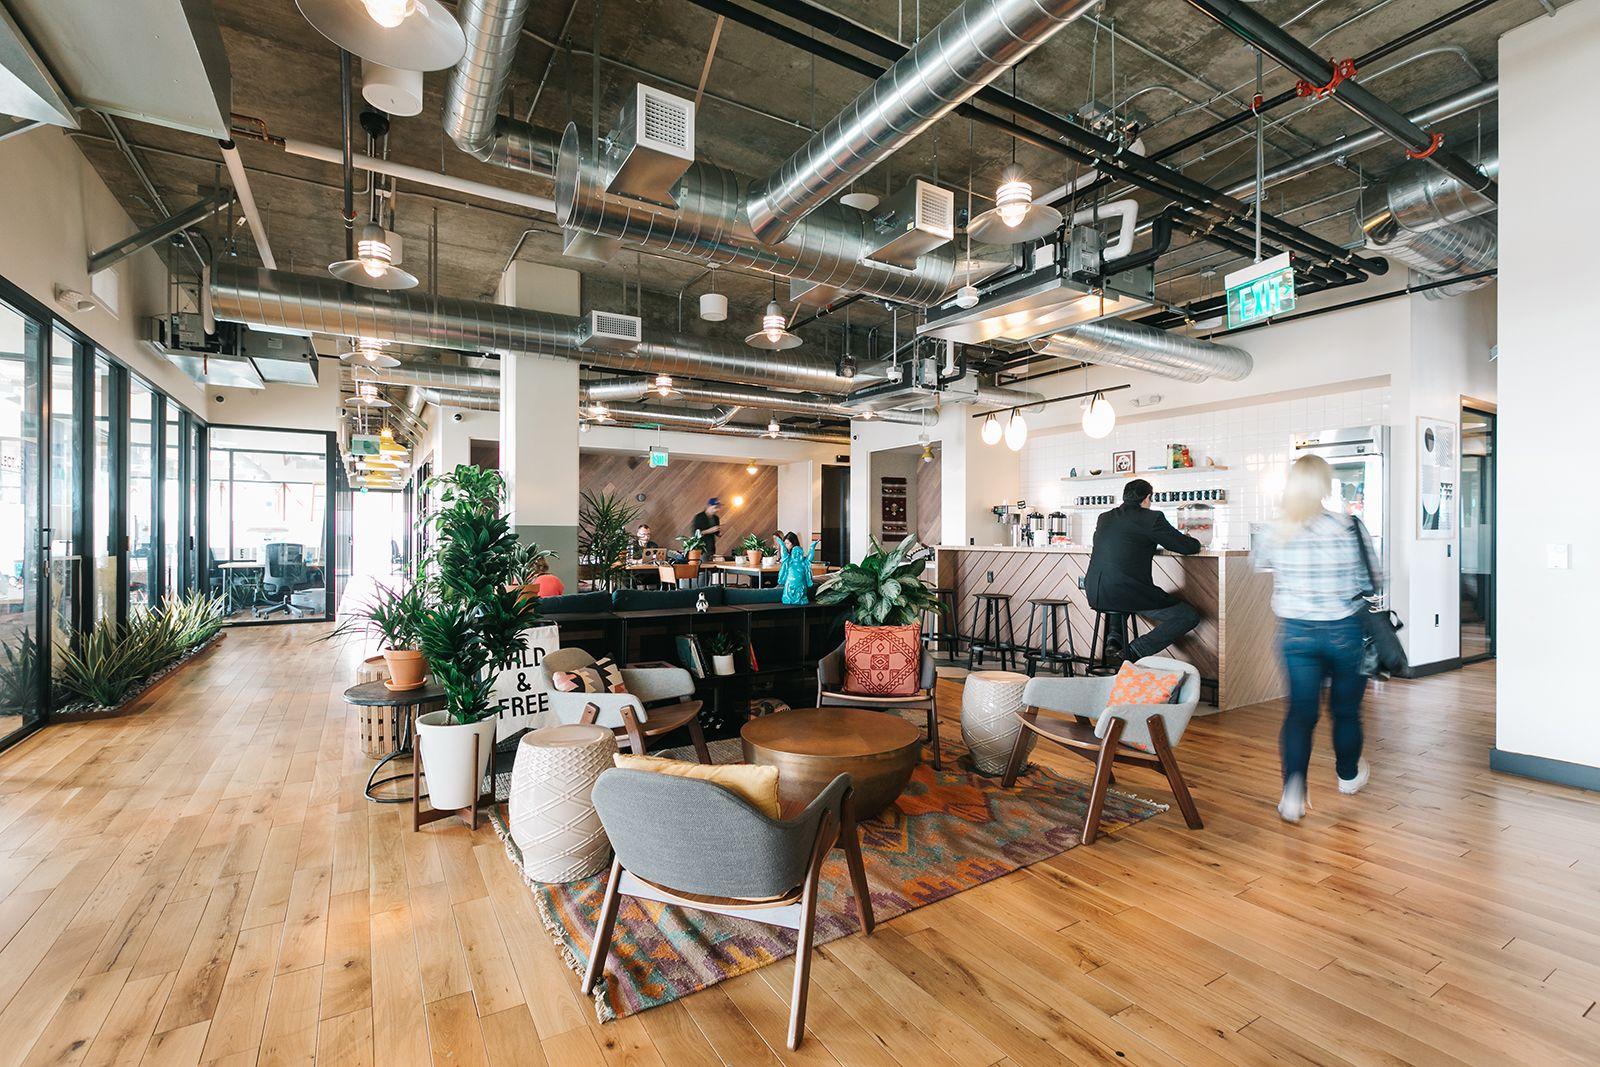 A Peek Inside WeWork - La Brea   Coworking